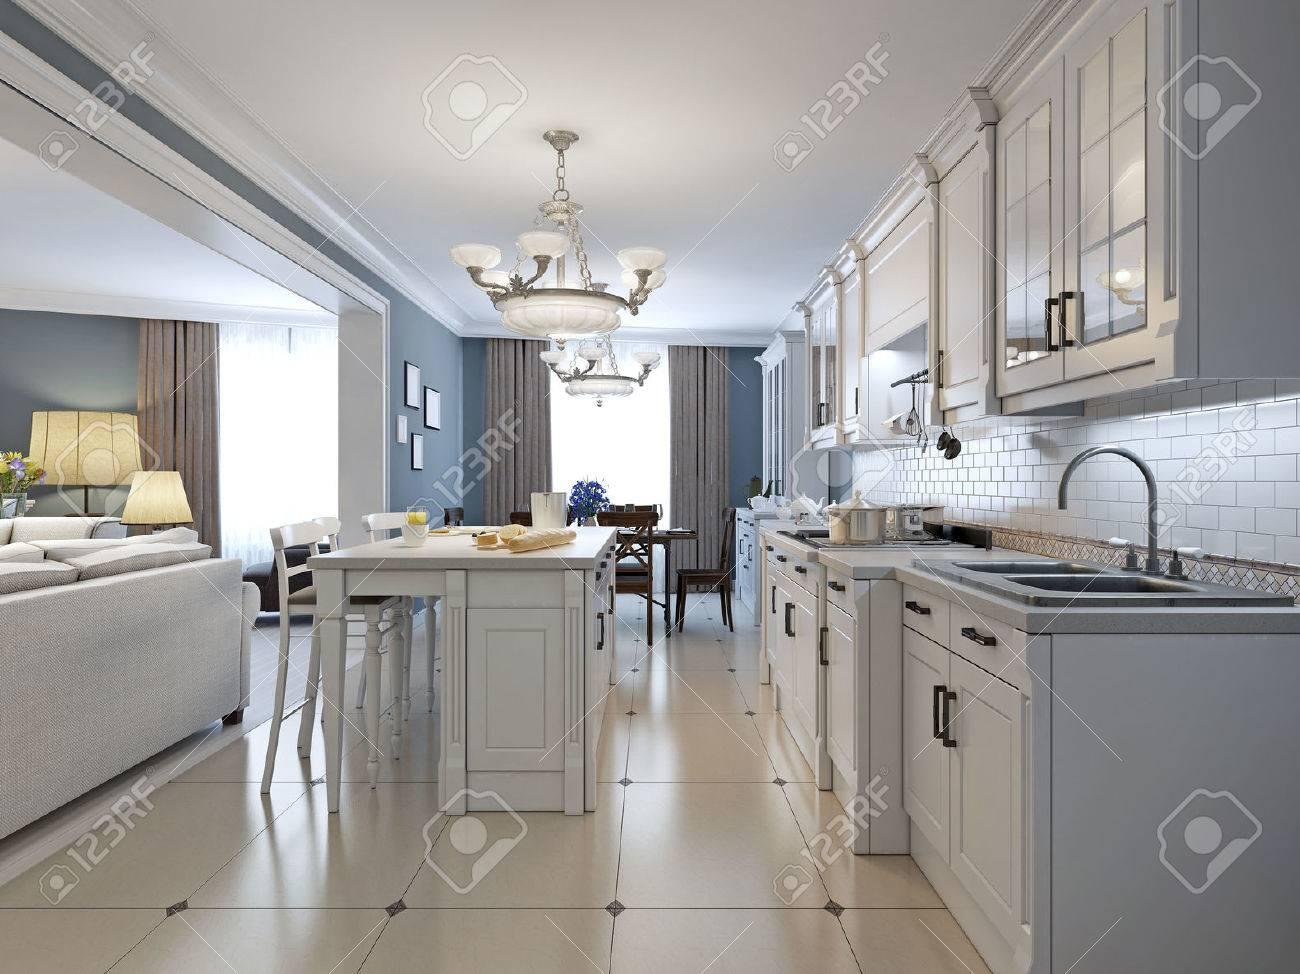 Cocina Con Electrodomésticos De Acero Inoxidable, Gabinetes Blancos ...